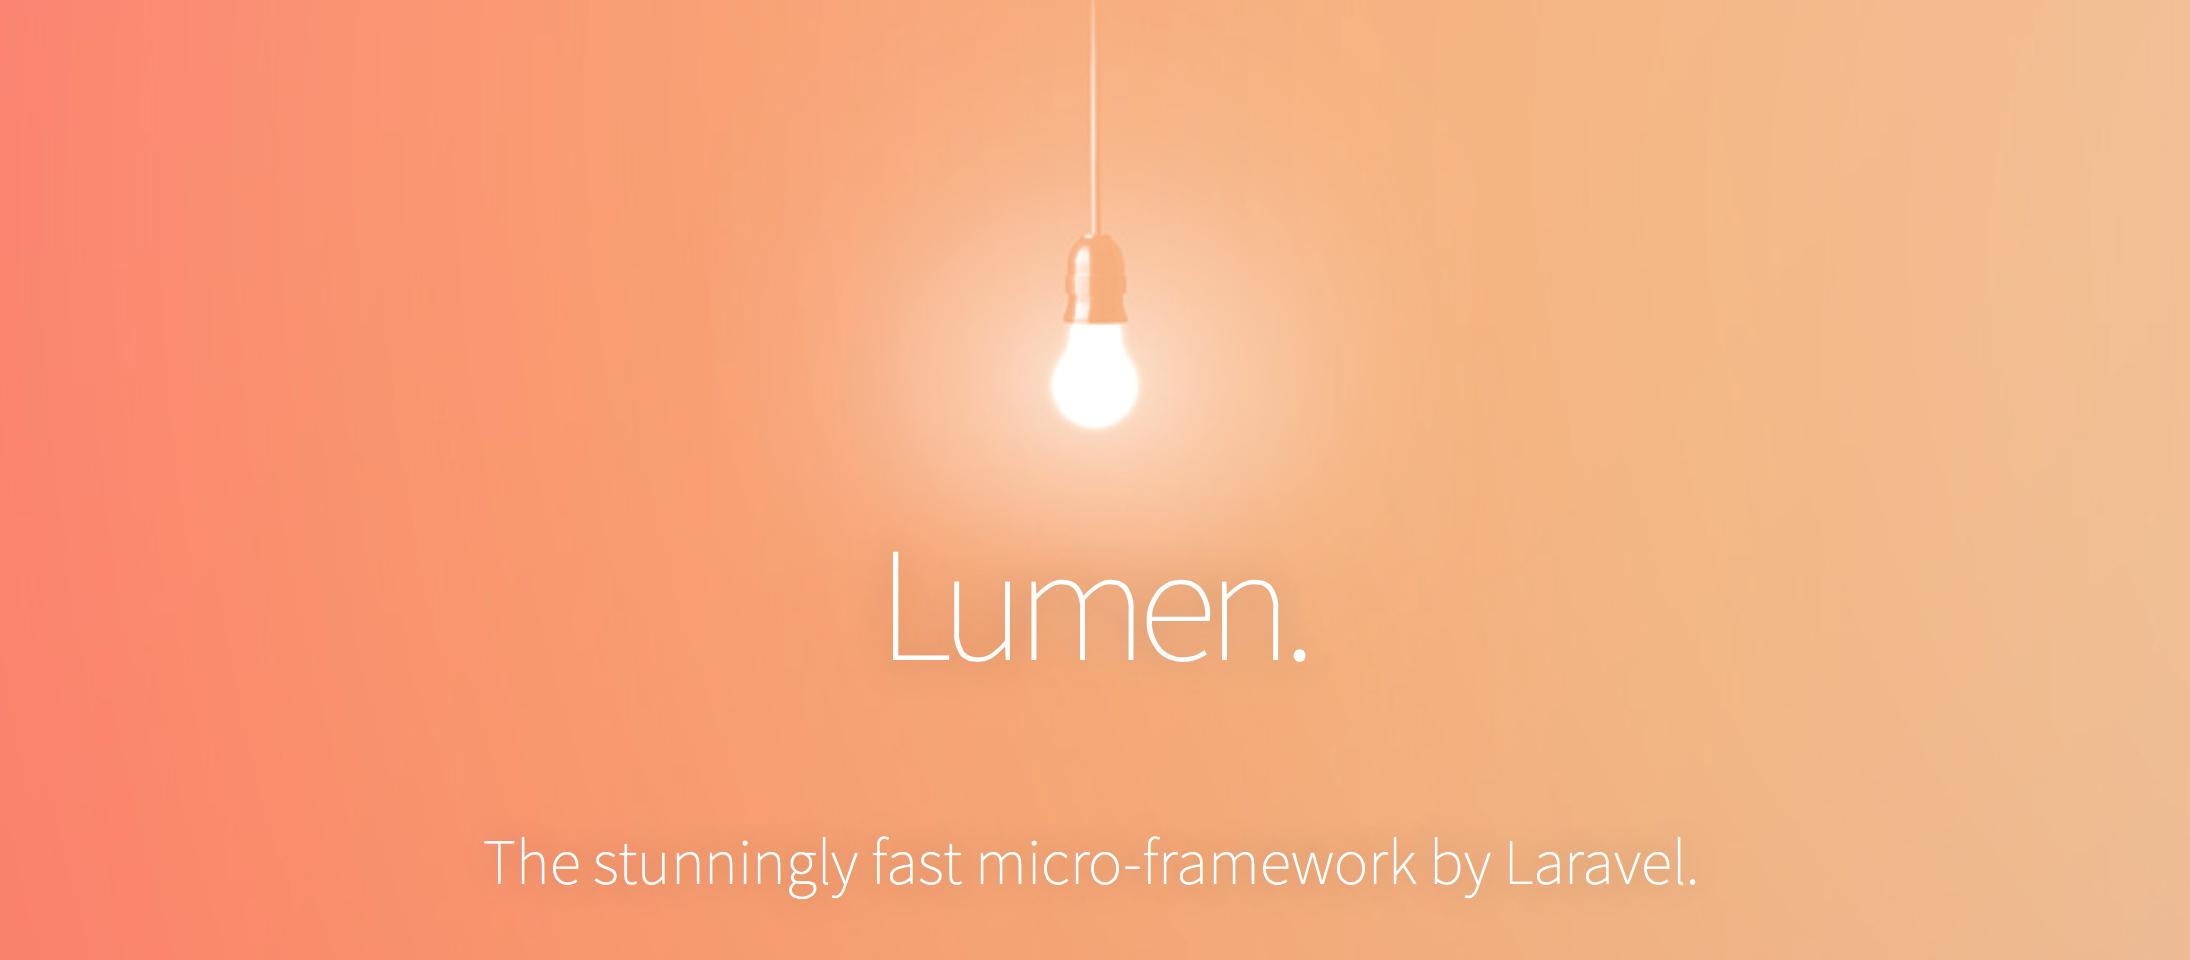 آشنایی با Lumen از لاراول